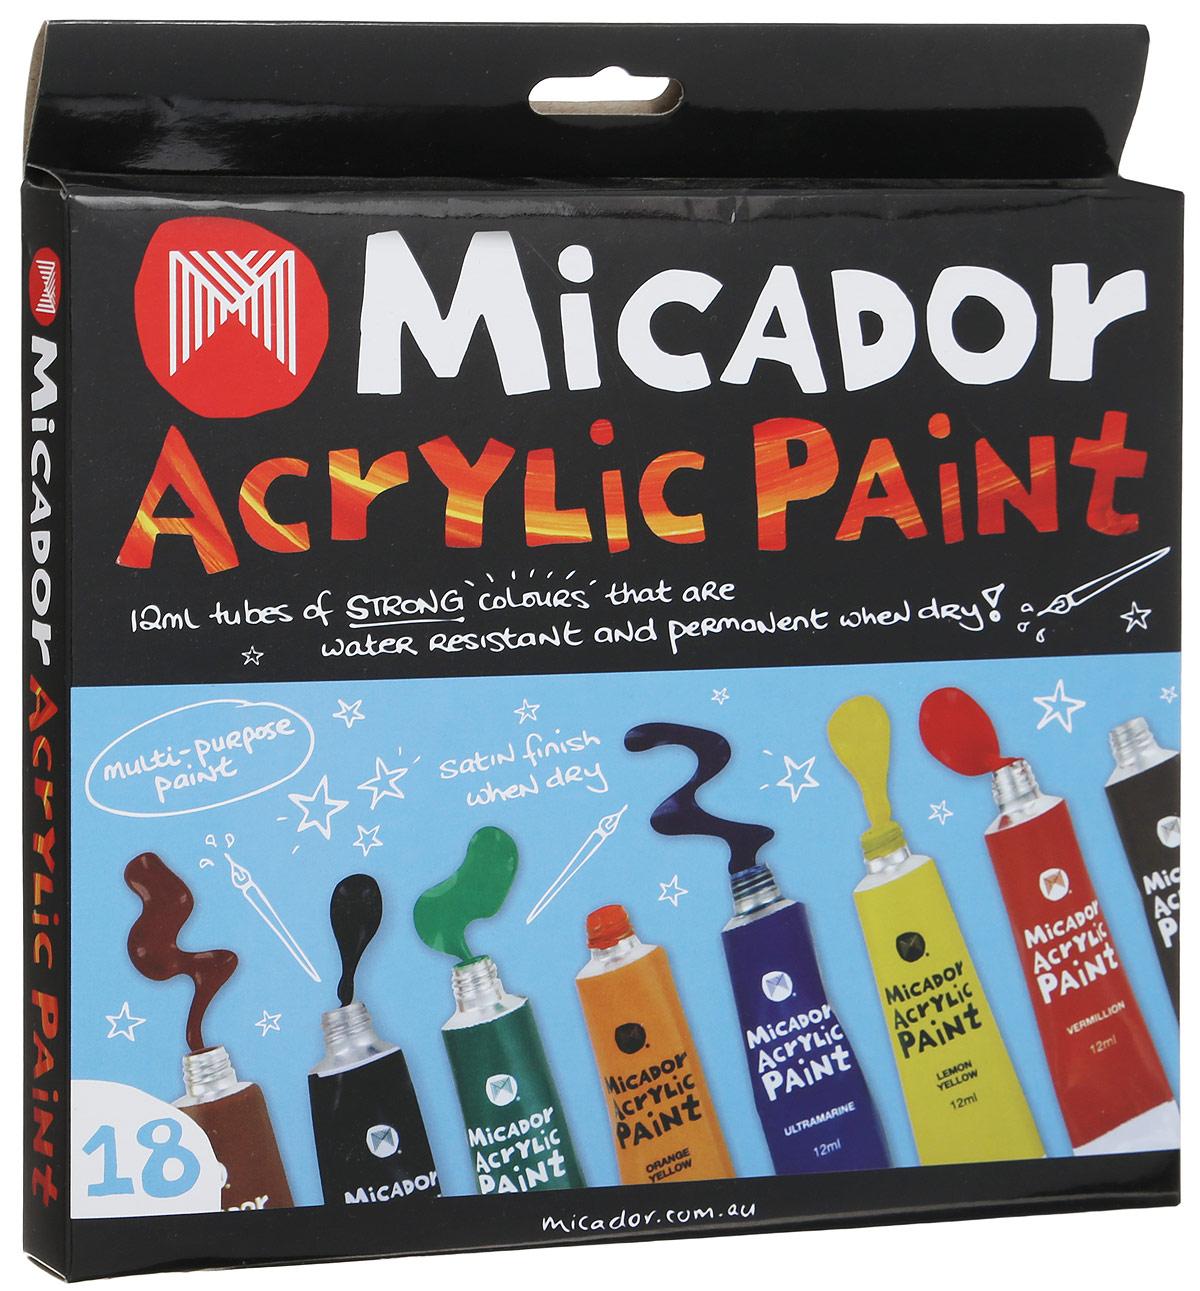 Micador Краски акриловые 18 цветовFS-36054Уникальные акриловые краски Micador очень легко смешиваются, что позволяет получать большую палитру цветов. Они также отлично смываются в теплой мыльной воде, что обязательно оценят родители.Благодаря краскам с высокой пигментацией, рисунки даже после высыхания остаются яркими. Не содержат токсичных веществ и полностью безопасны для детей. Отличительная особенность красок: при нанесении в 1 слой, краски полупрозрачные и напоминают акварель, при нанесении в несколько слоев появляется глянцевый эффект и краски похожи на масляные.Рисование развивает творческие способности, воображение, логику, память, мышление.Пусть мир вашего ребенка будет ярким и безопасным!